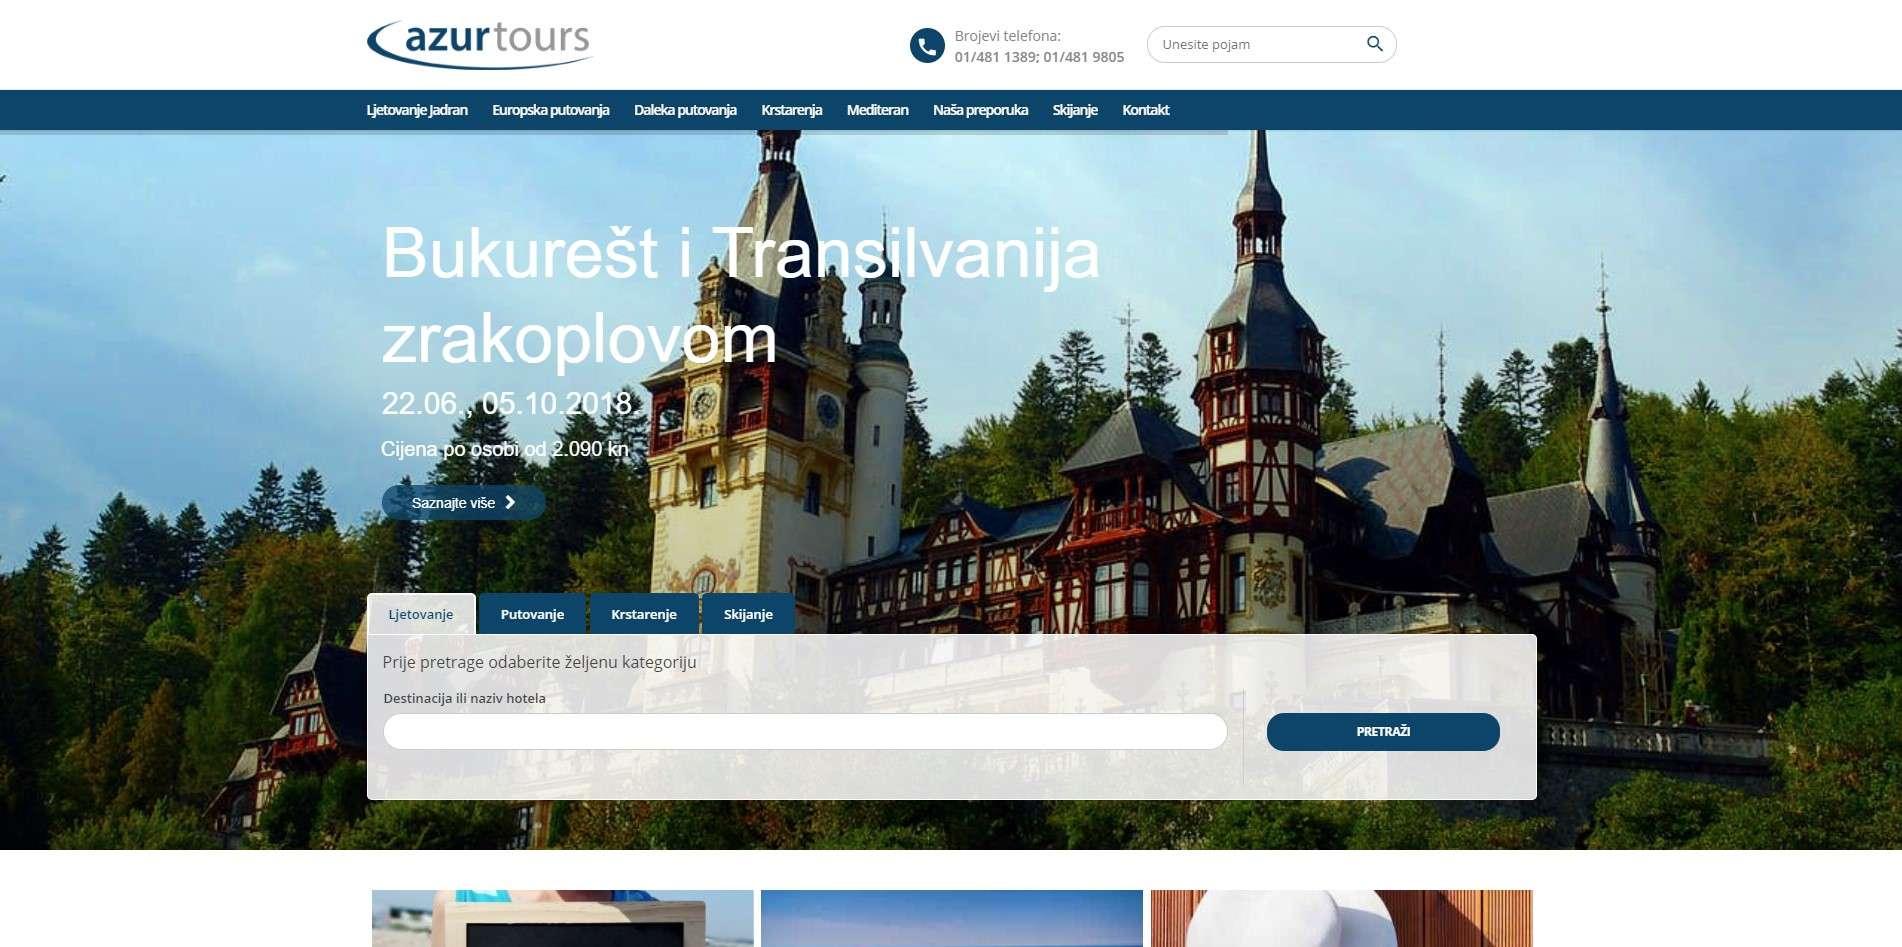 Putnička agencija Azur Tours